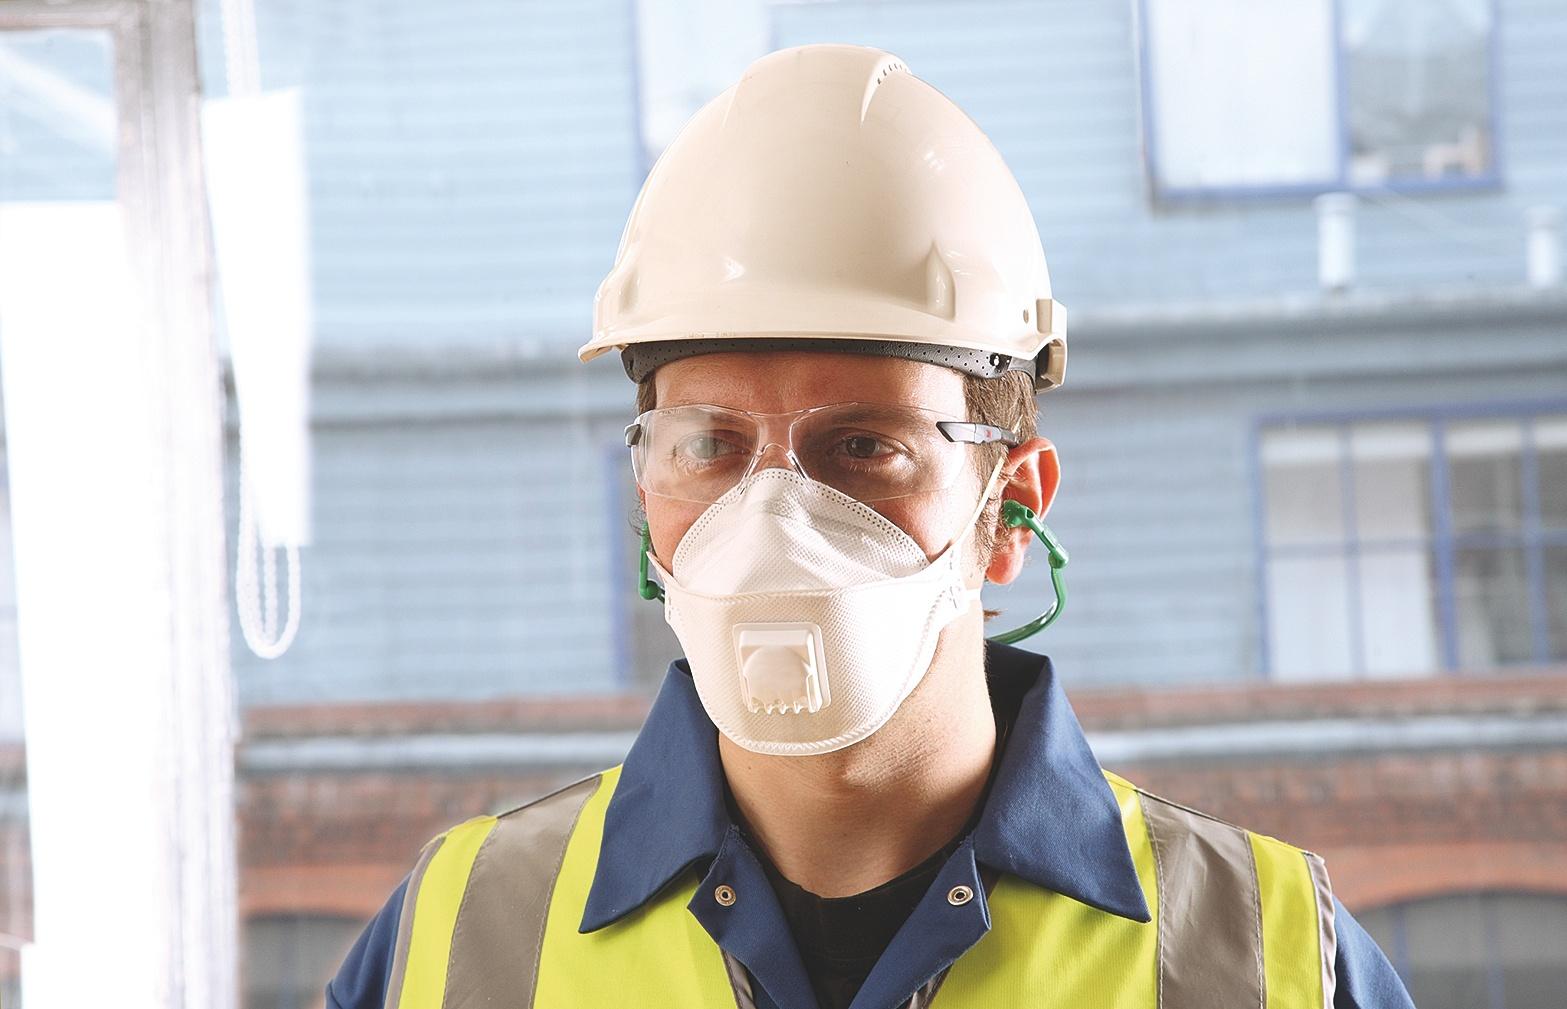 La sicurezza dei cantieri temporanei e mobili ai tempi del COVID-19